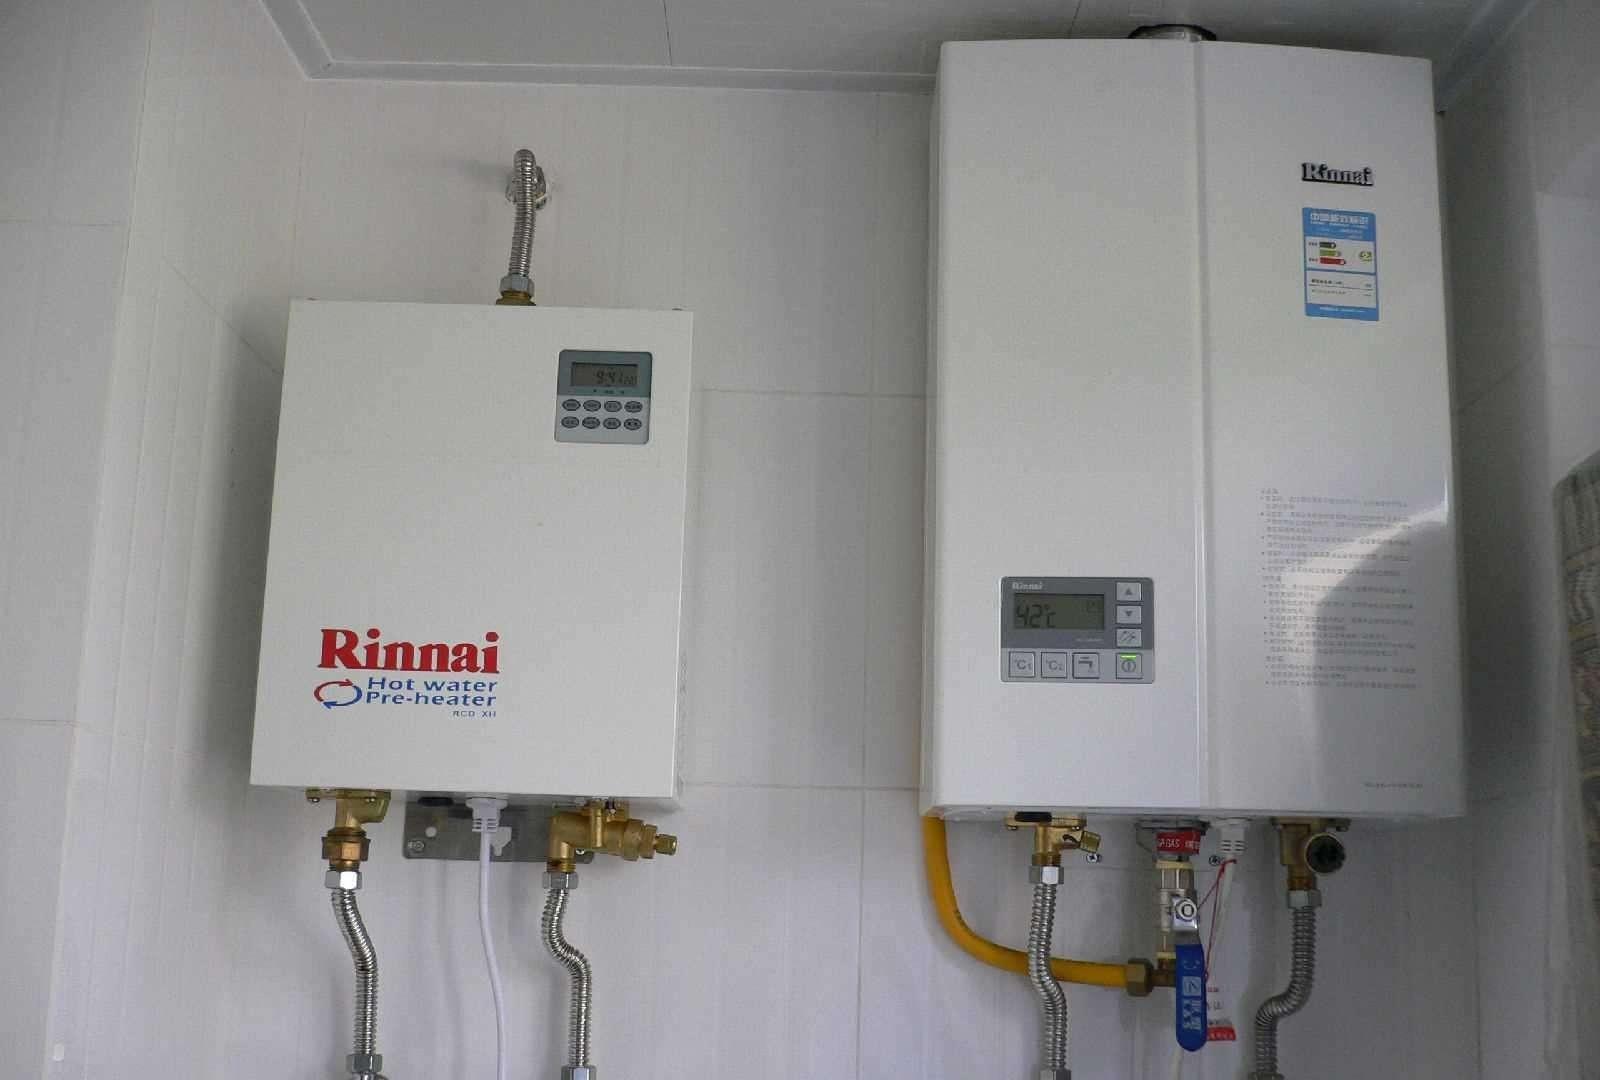 燃气热水器品牌—燃气热水器品牌有哪些